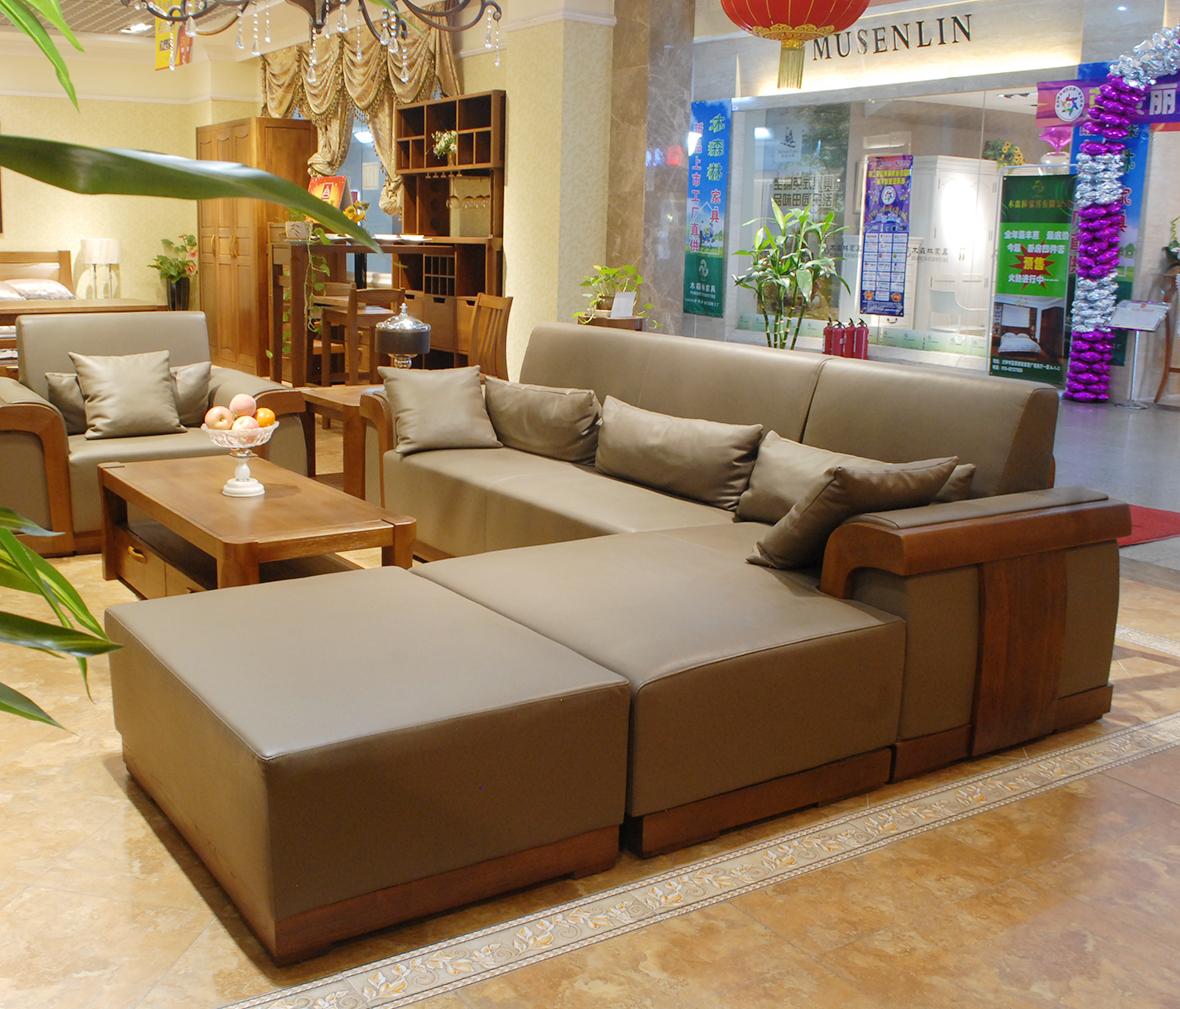 水曲柳三人沙发 中式古典